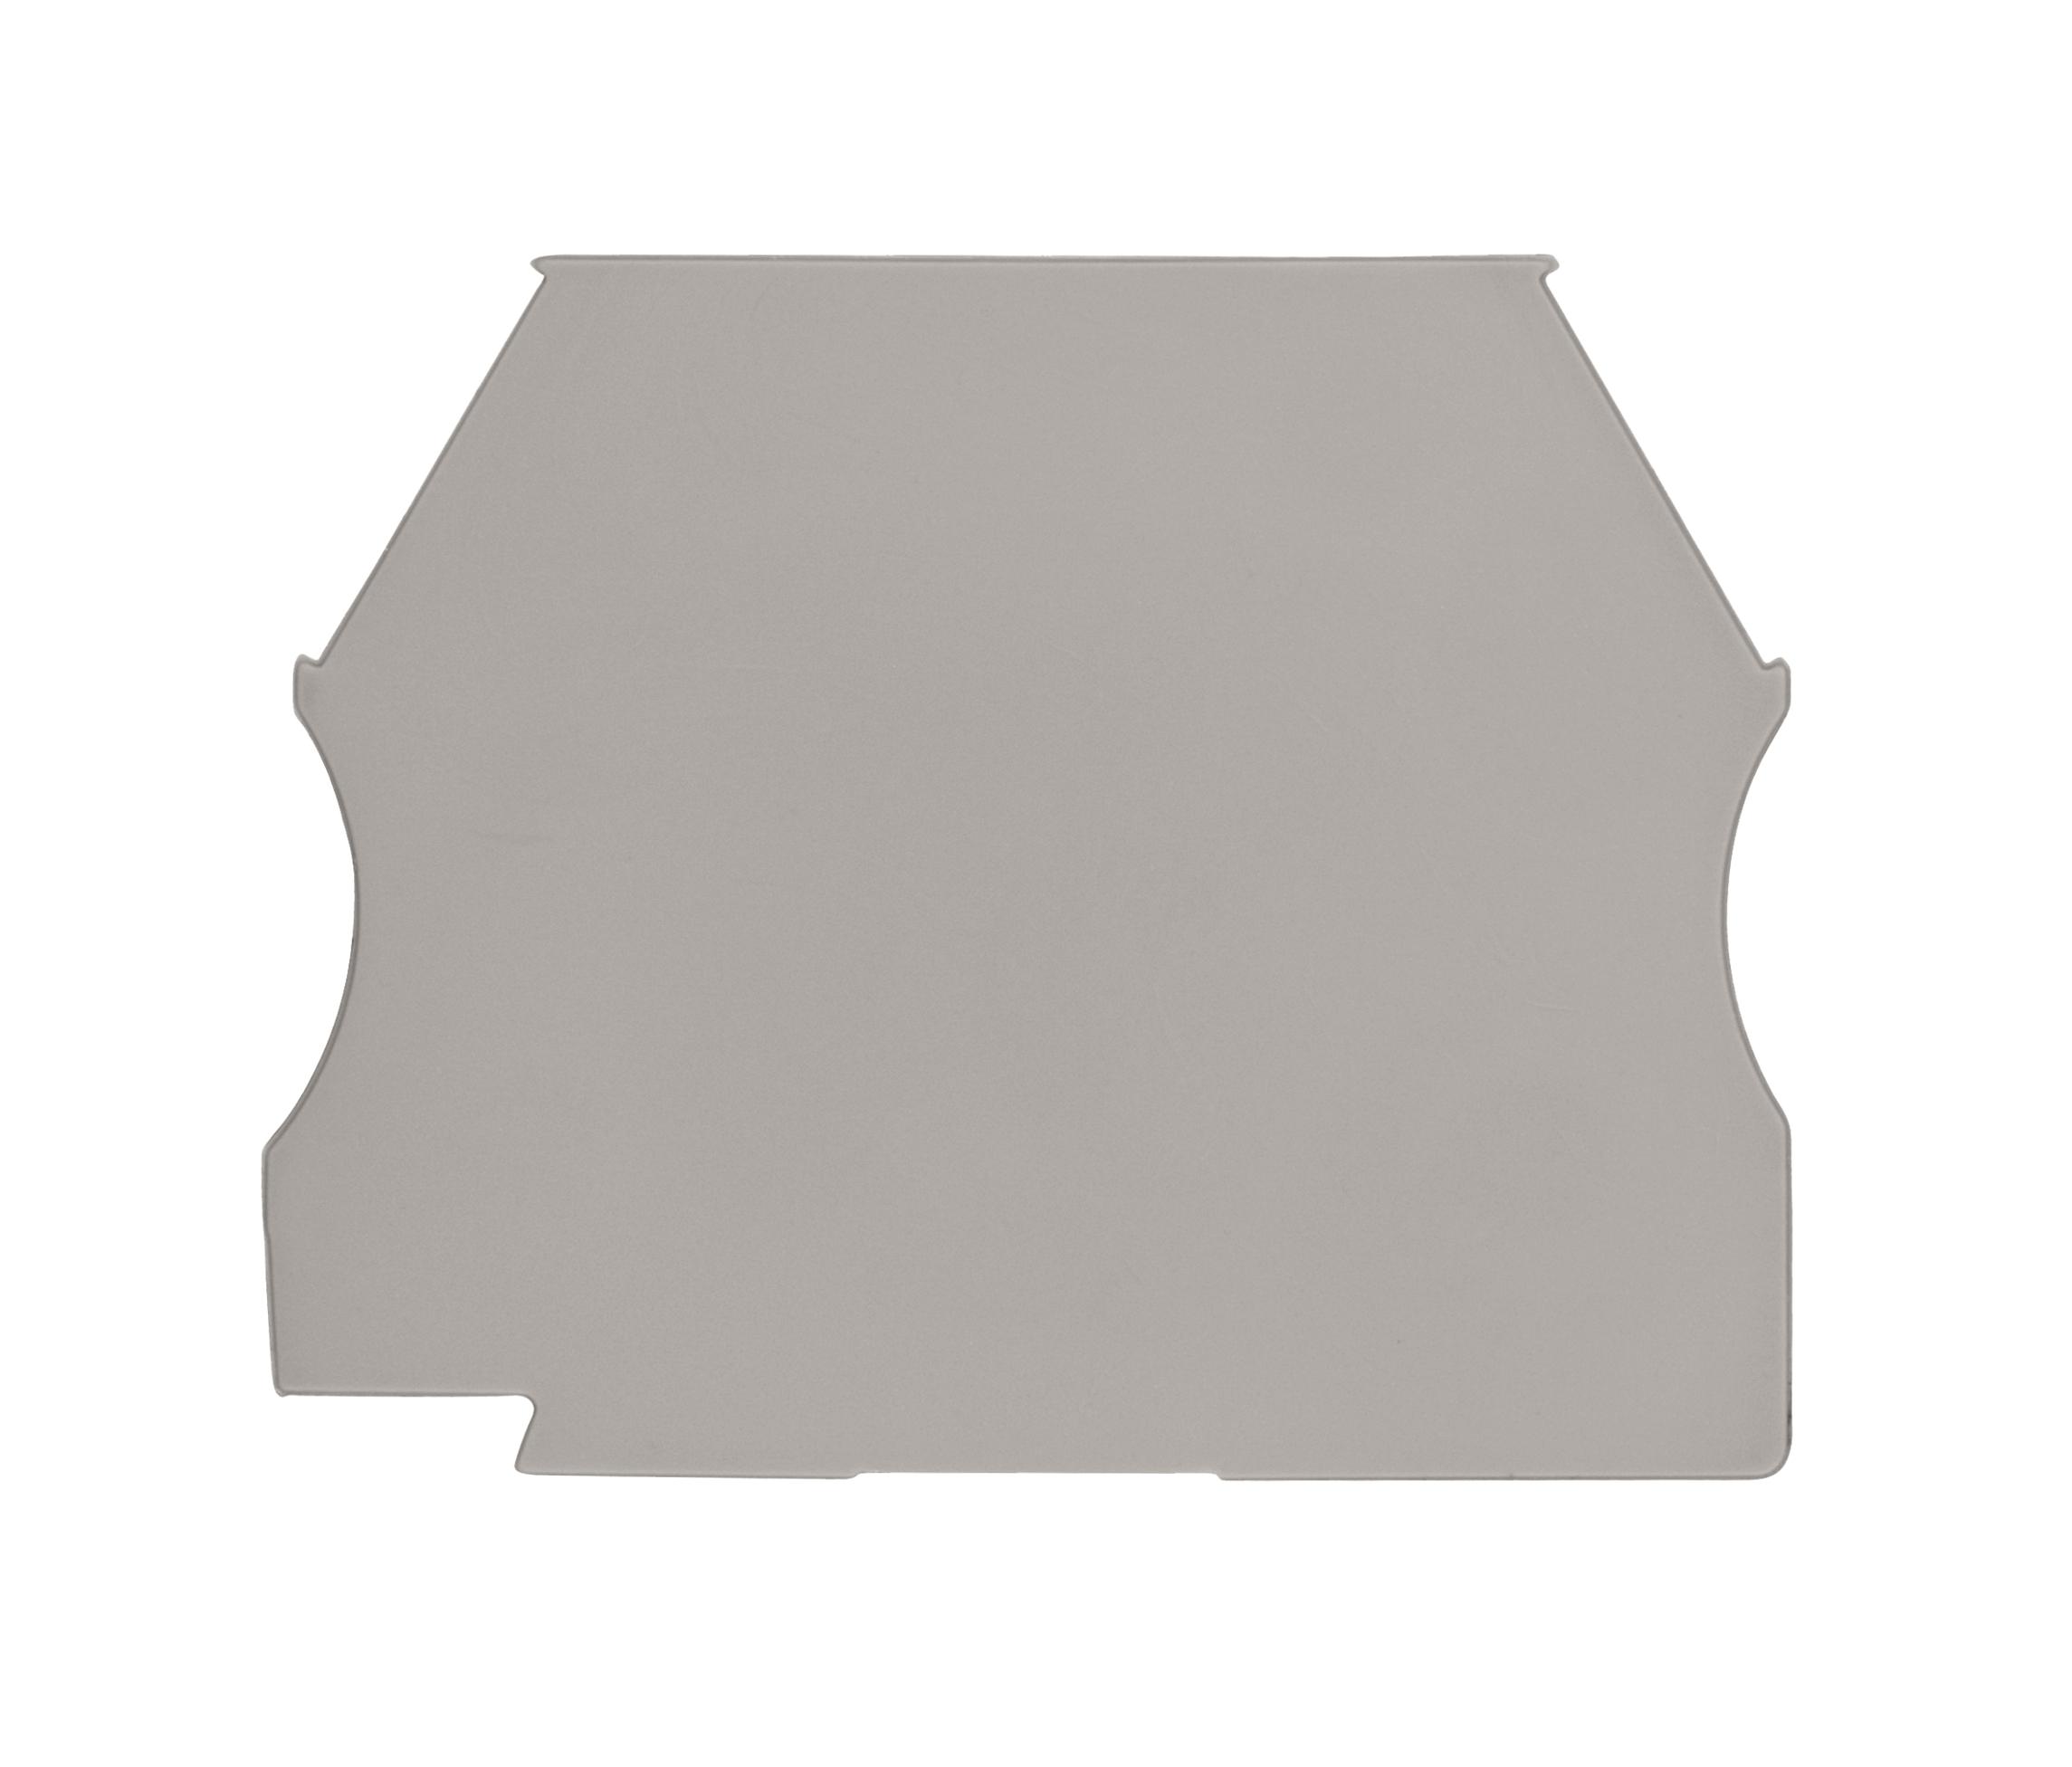 1 Stk Endplatte für Klemmen 2,5-10mm²,Type AVK 2,5, 4, 6, 10,grau IK600210--